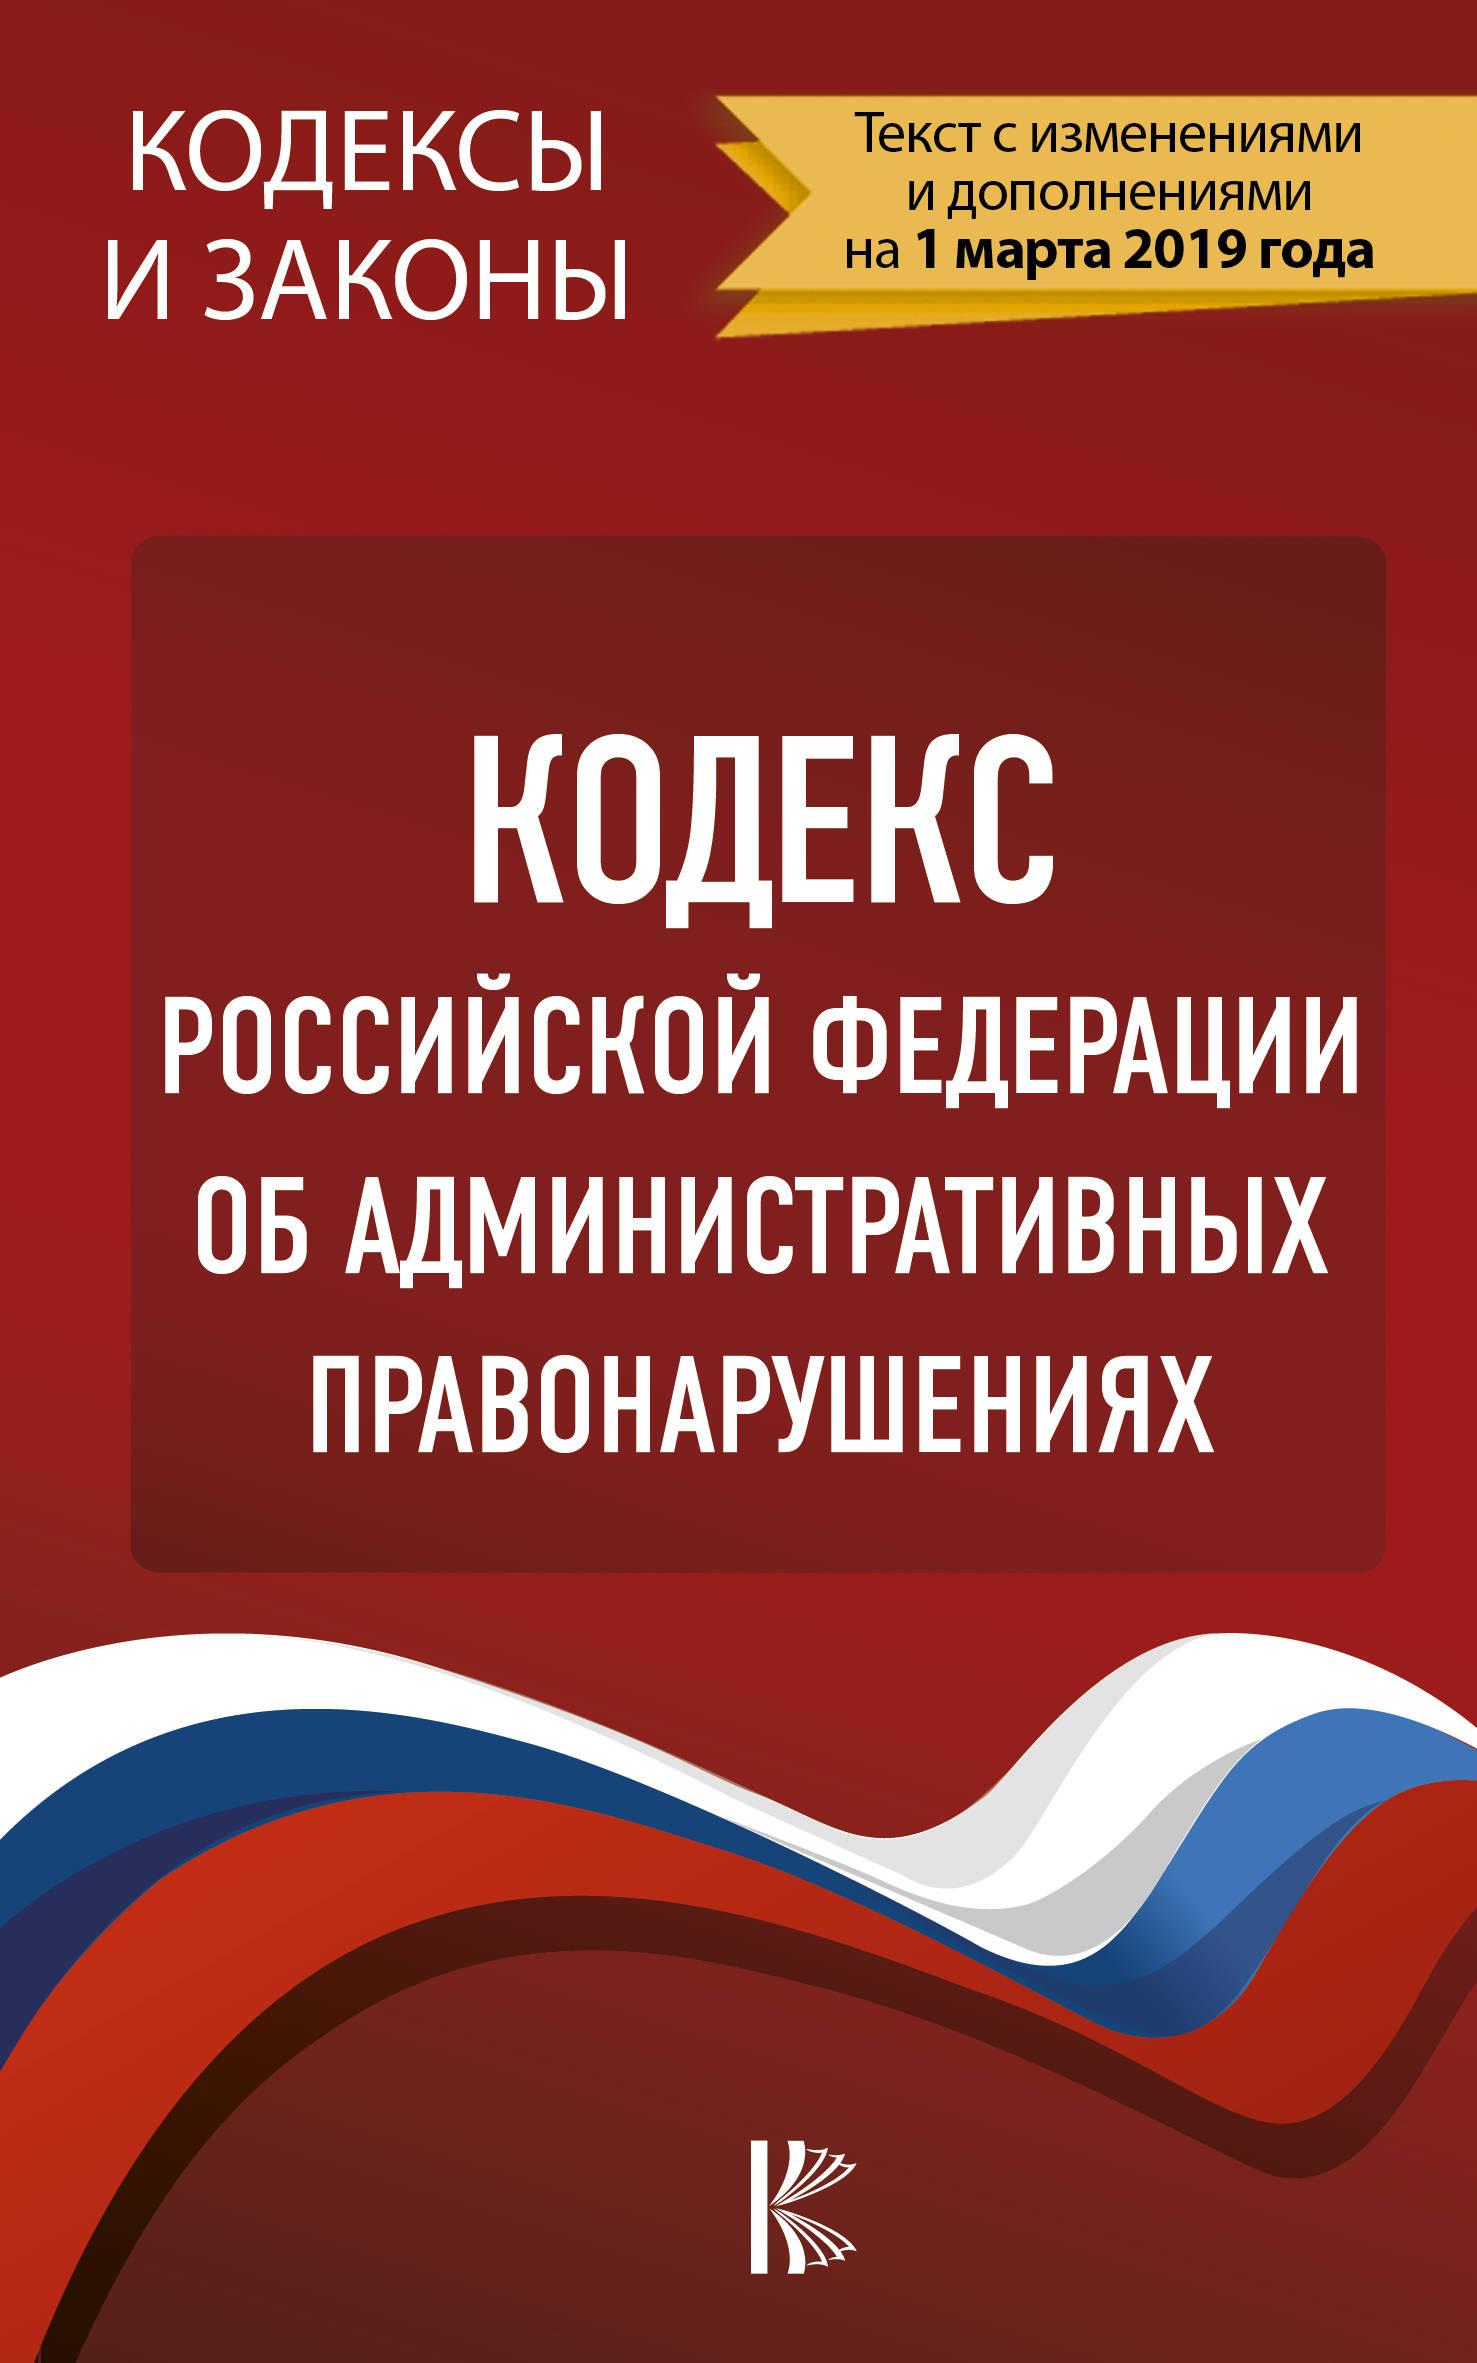 Коап рф — от 11 августа 2020 г.